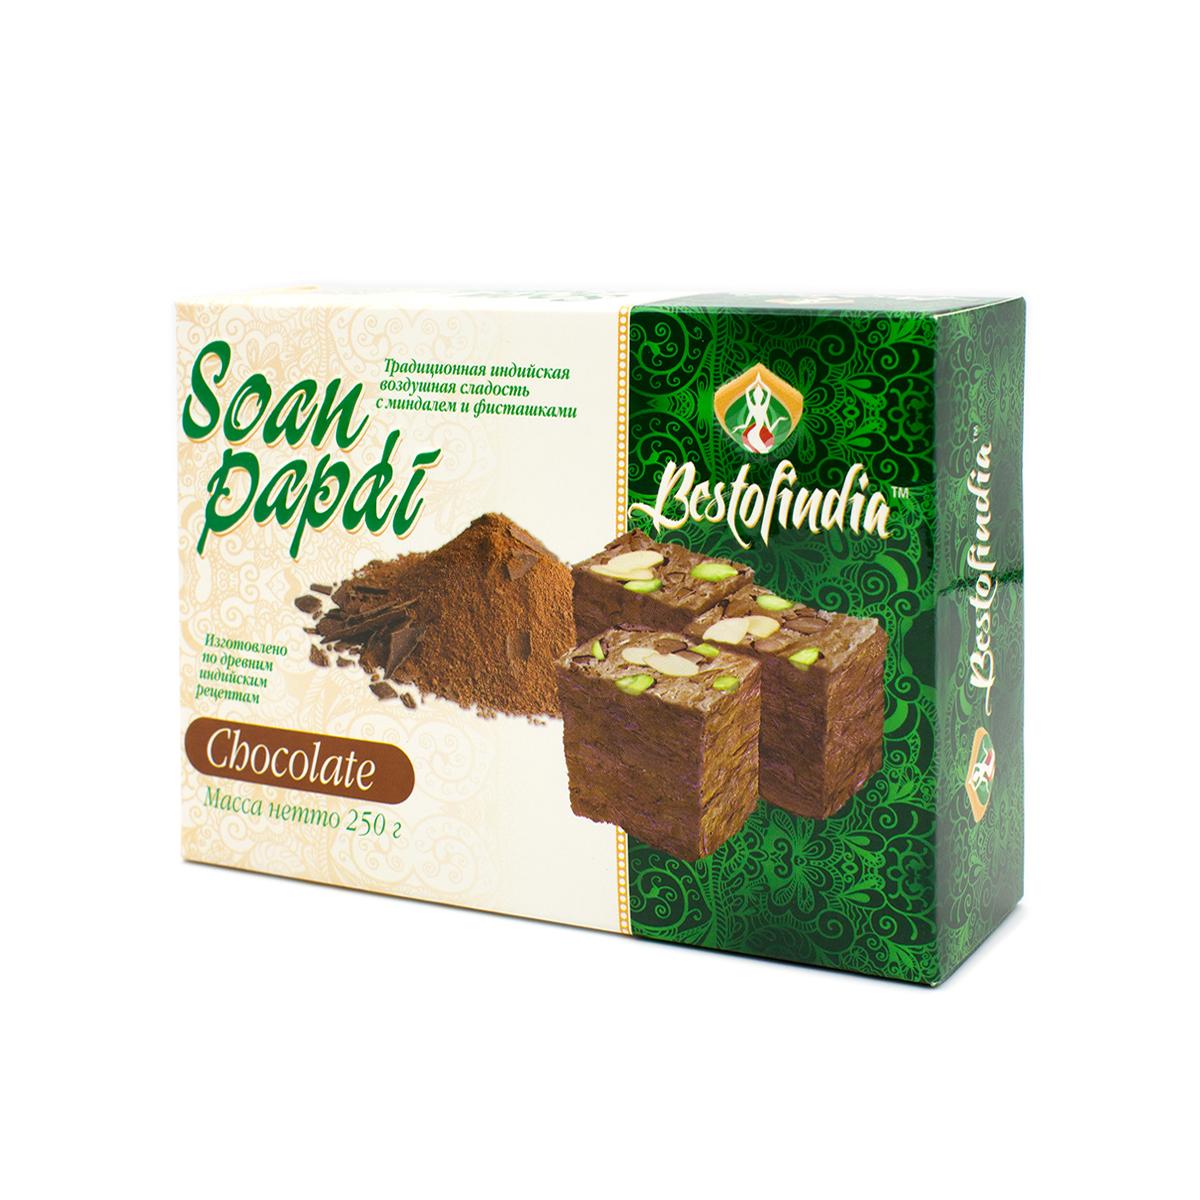 Соан Папди Шоколад BestofIndia, 250 г